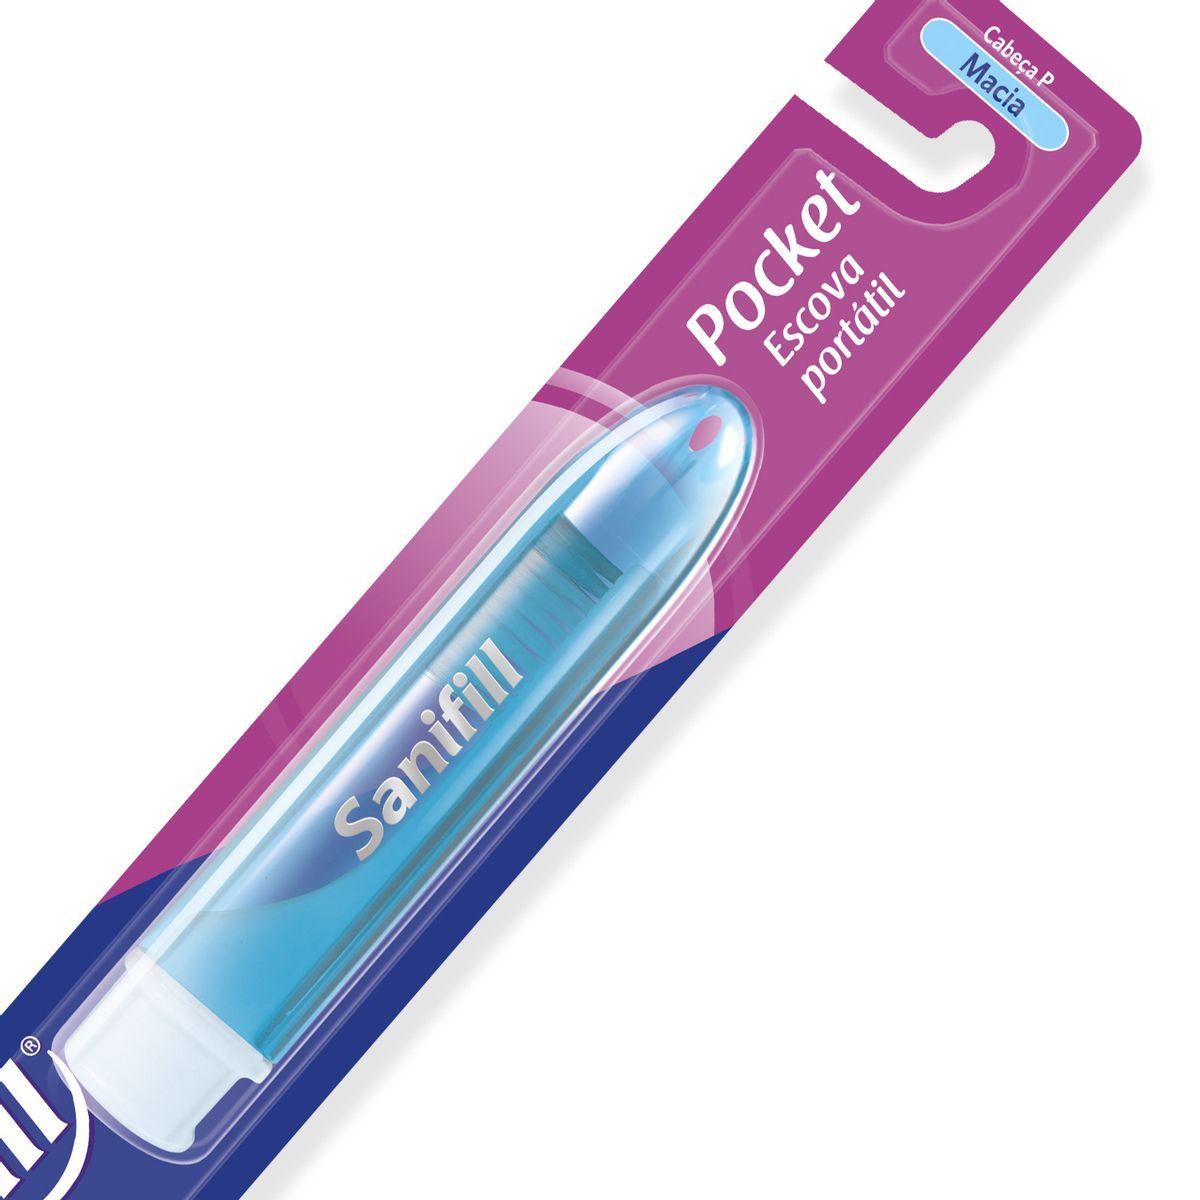 8d02babee Escova Dental Sanifill Pocket Macia 35 - Farmacias Pague Menos